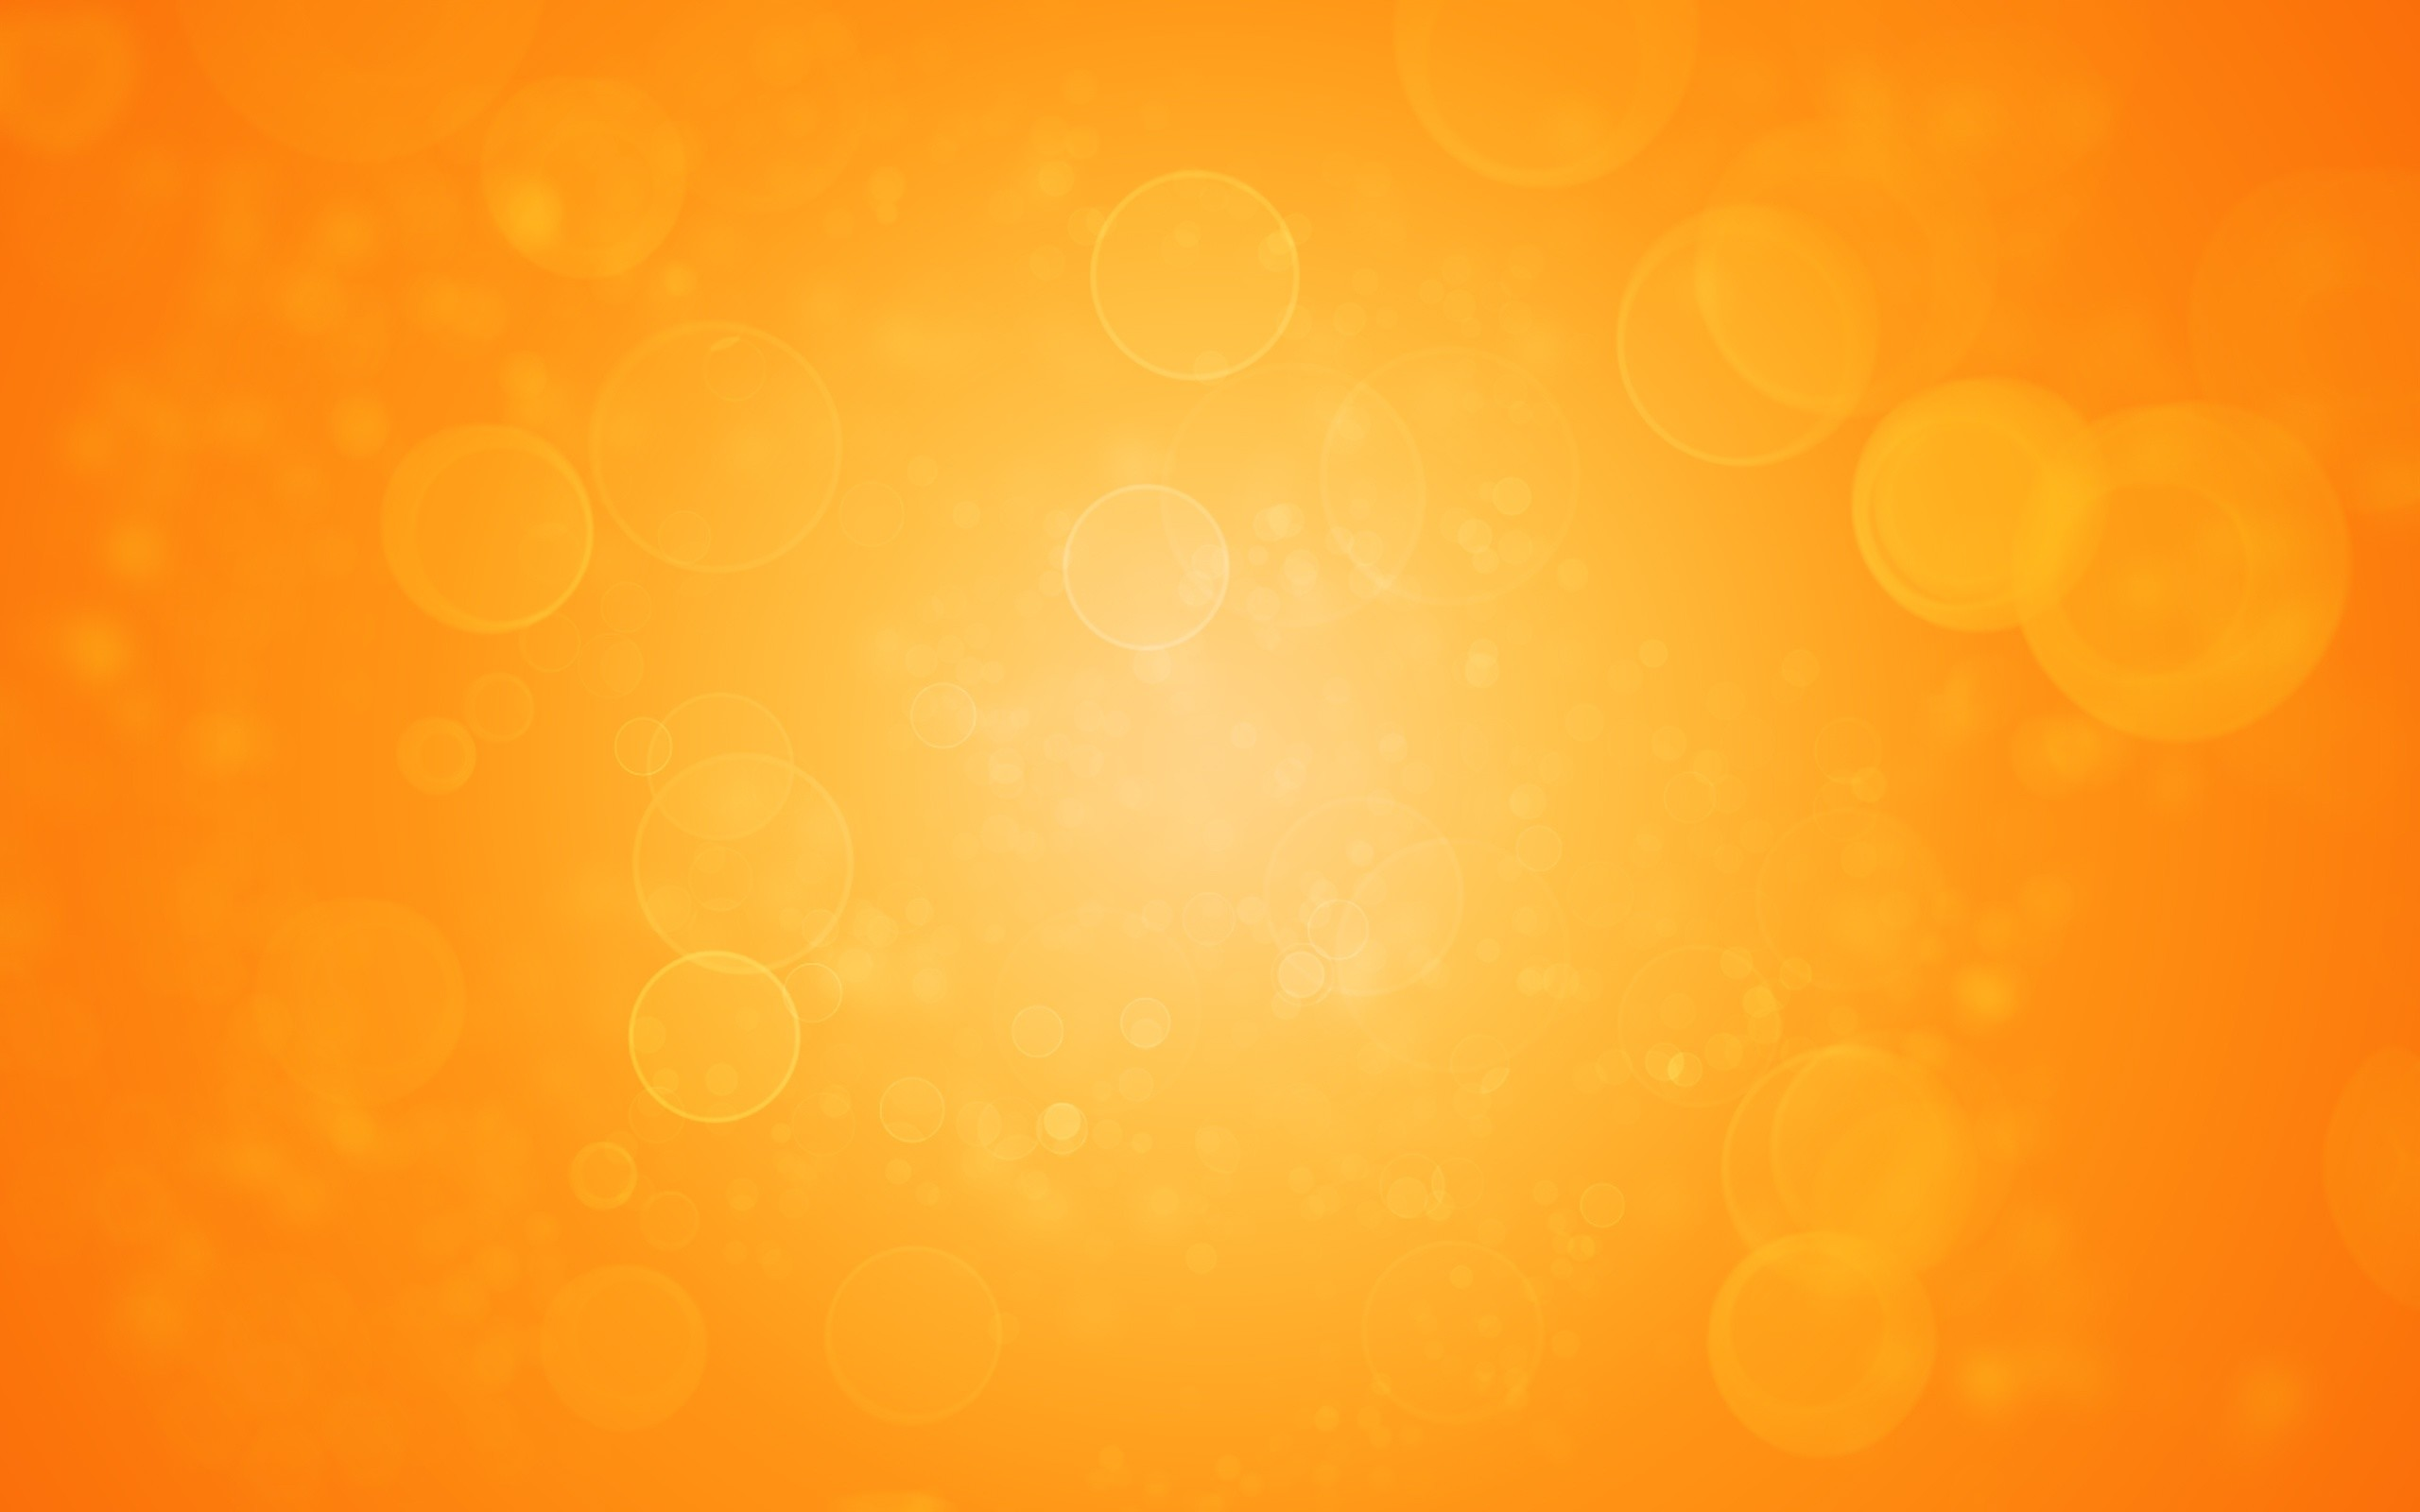 Hình nền vàng cam bong bóng rực rỡ